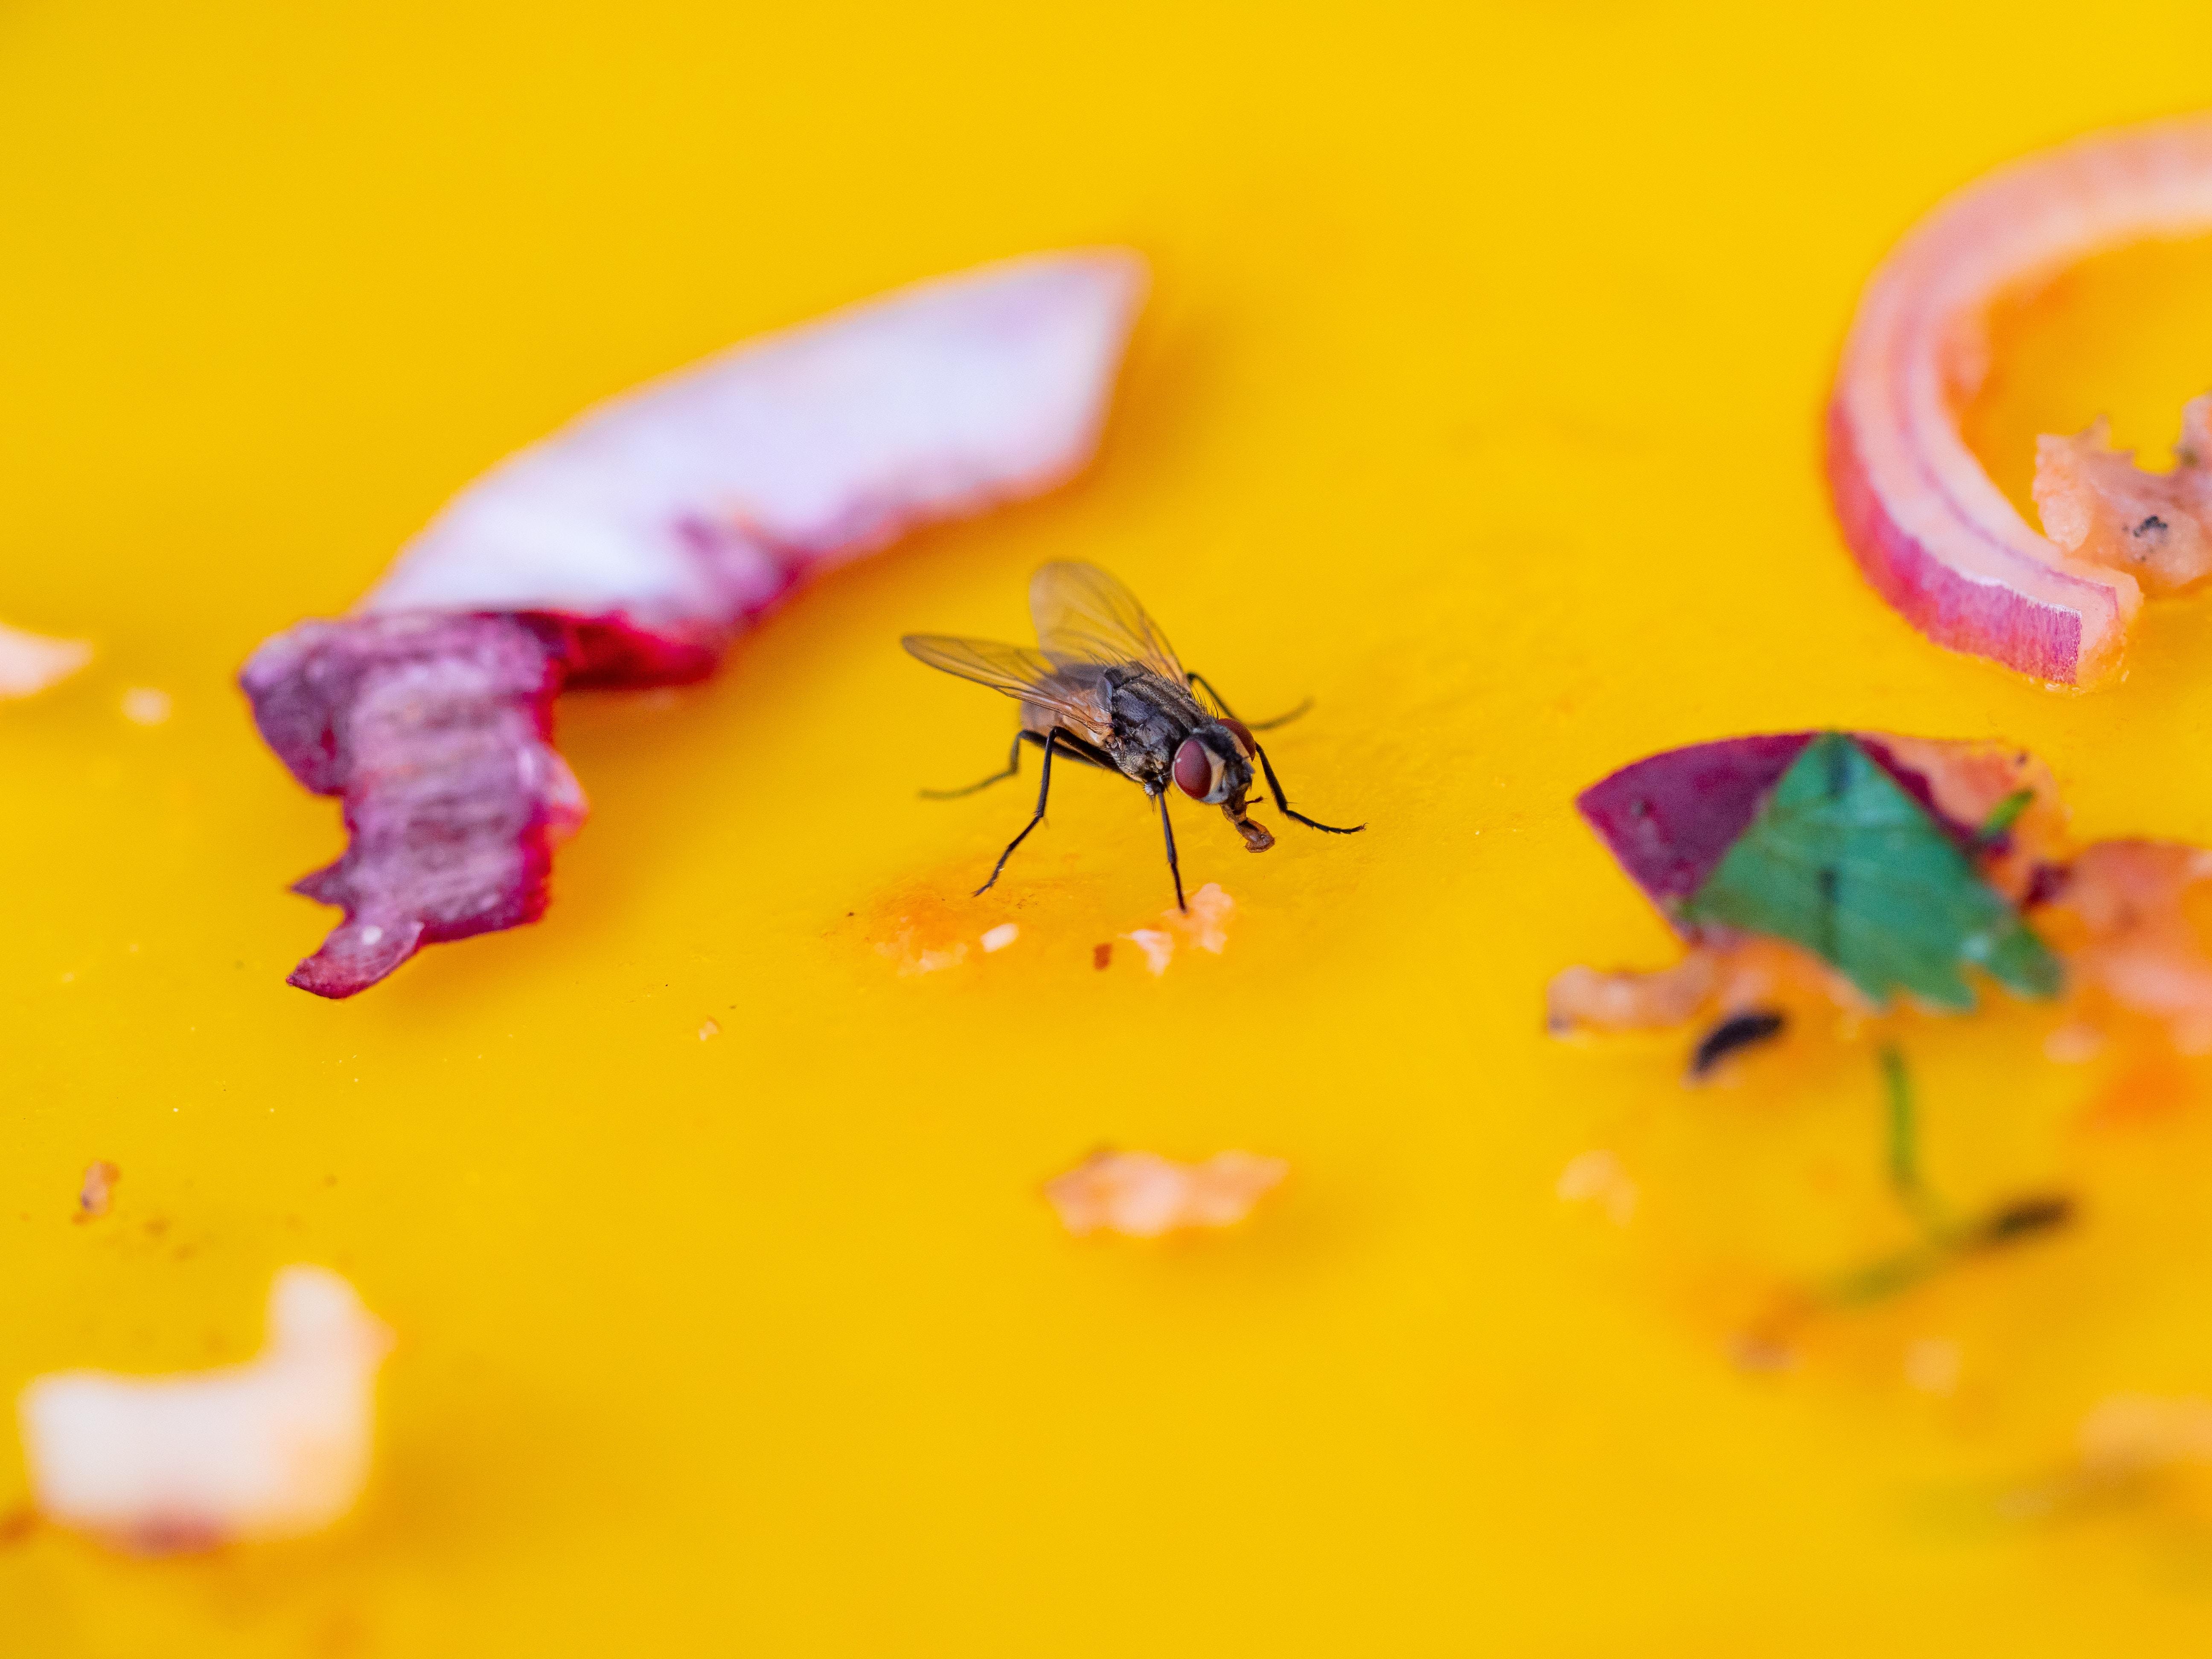 tilt shift photo of housefly